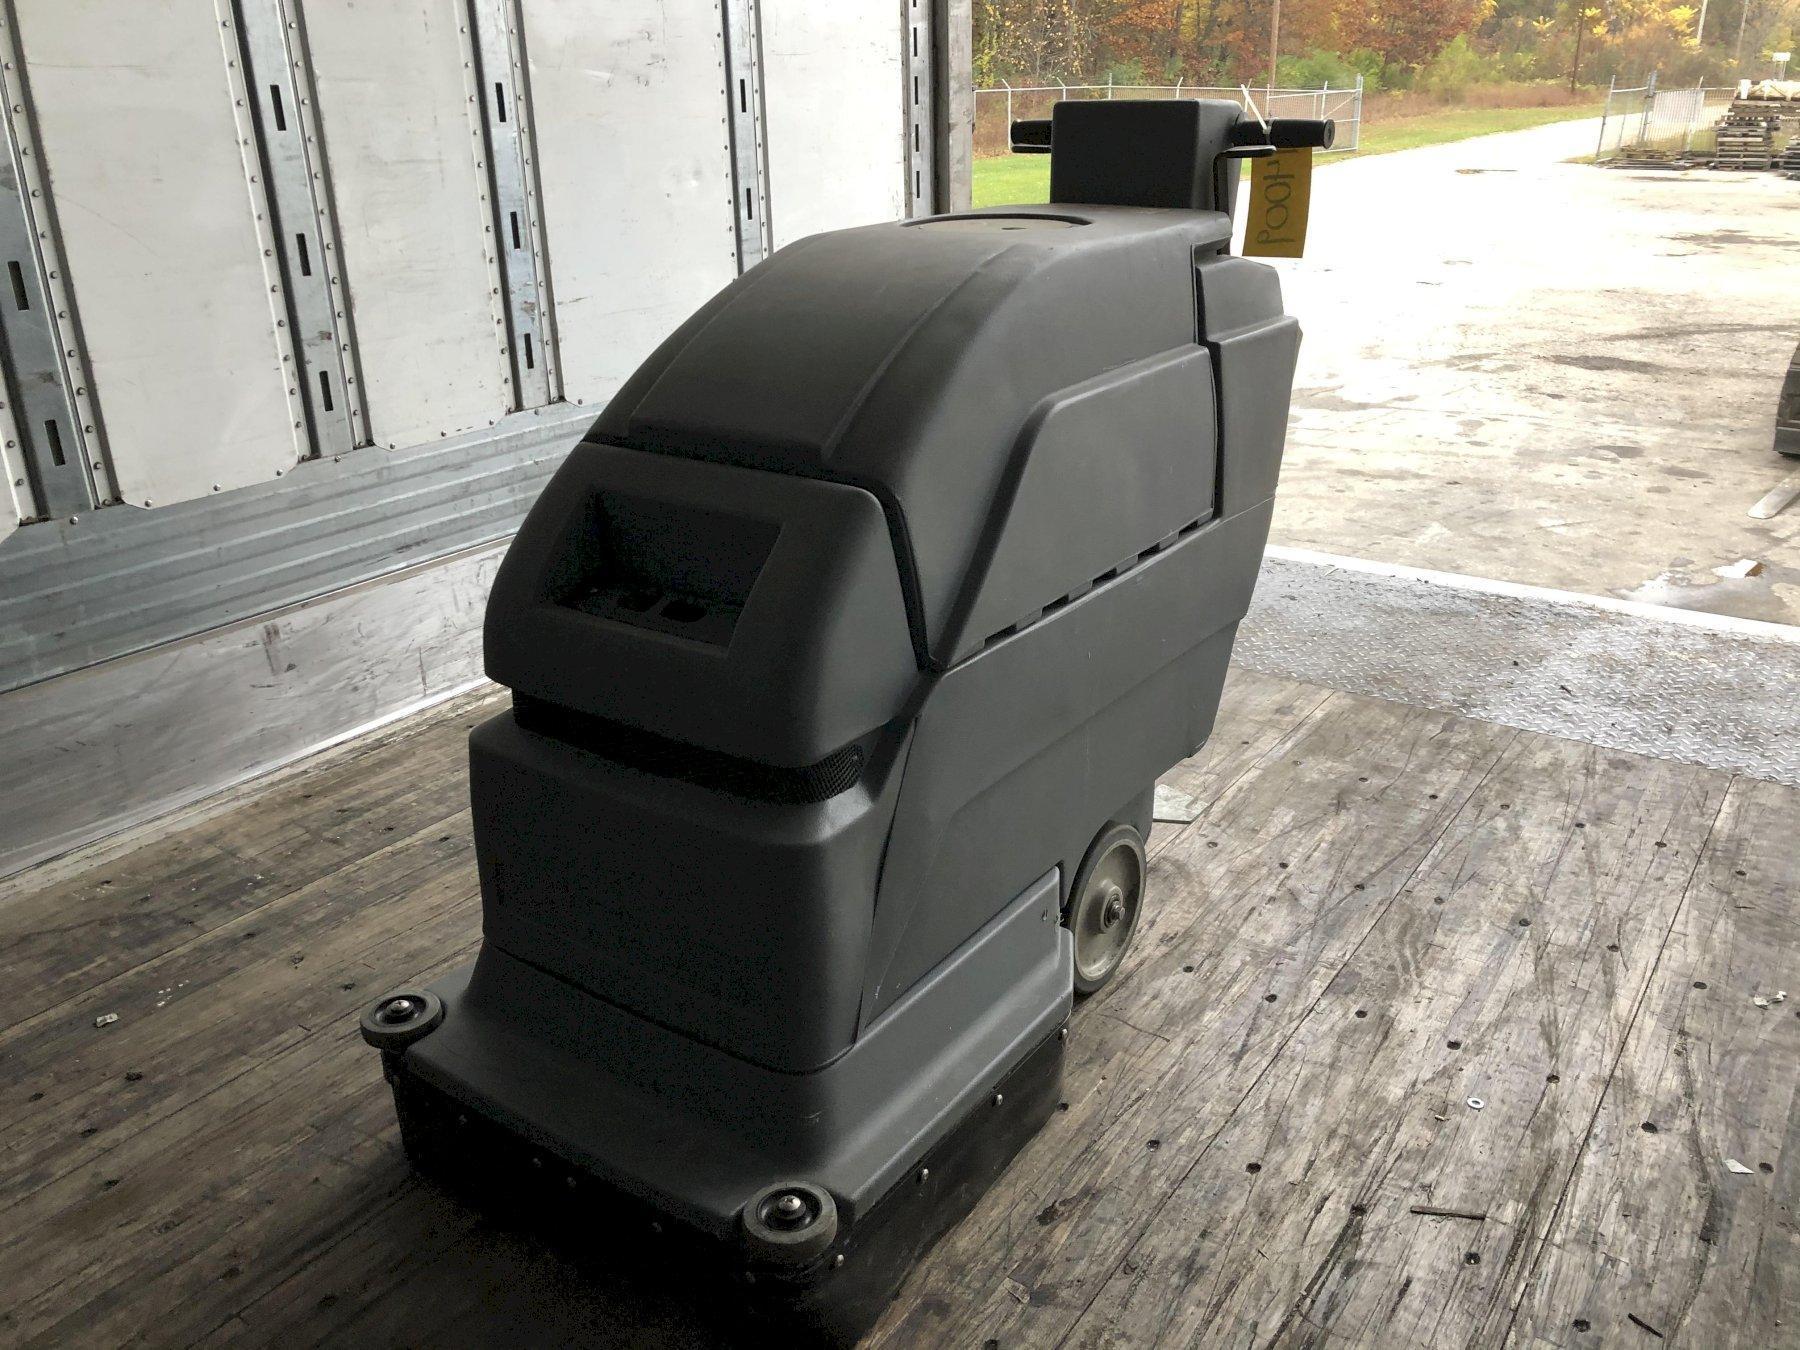 CASTEX MODEL FS-2000 AUTO FLOOR SCRUBBER: STOCK #14009